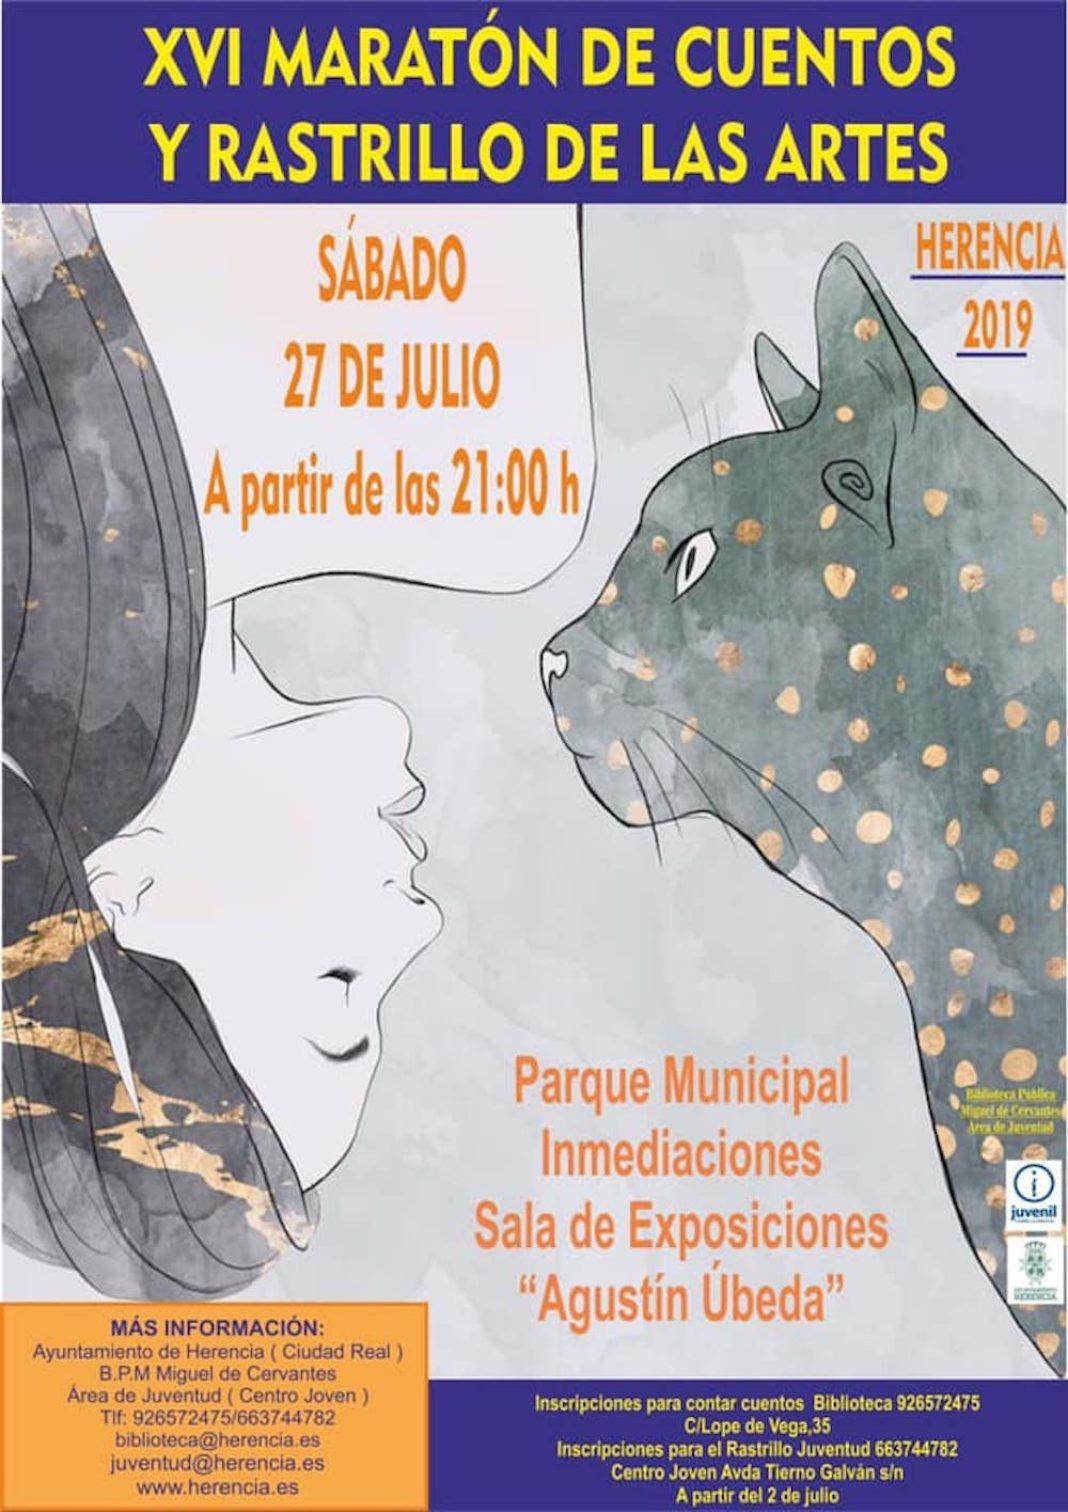 XVI Maraton de Cuentos y Rastrillo de las Artes en Herencia 1068x1512 - XVI Maratón de Cuentos y Rastrillo de las Artes en Herencia